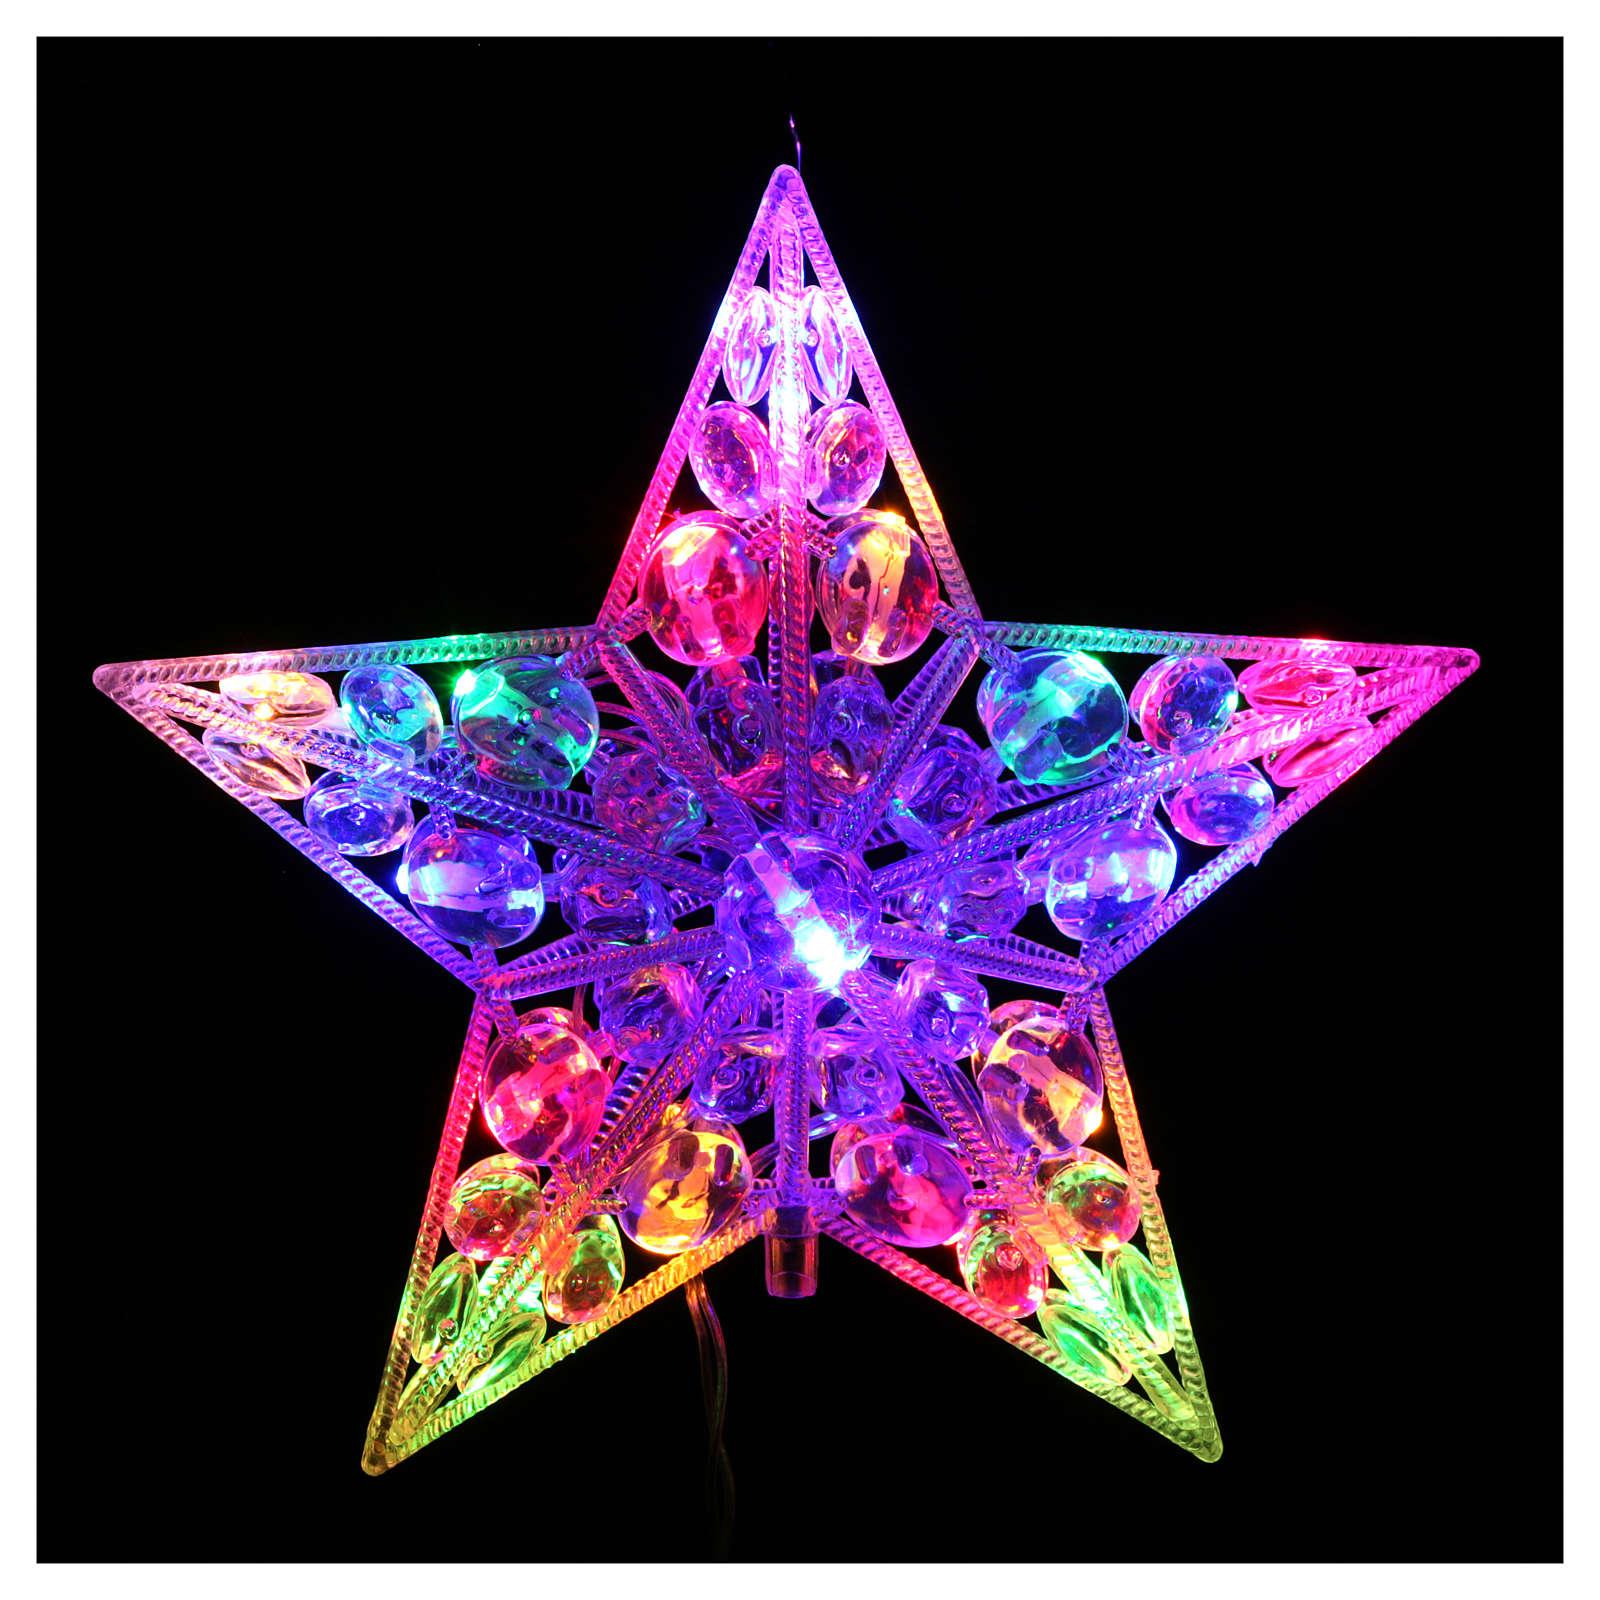 Puntal luminoso 16 Led Multicolores para interior 3